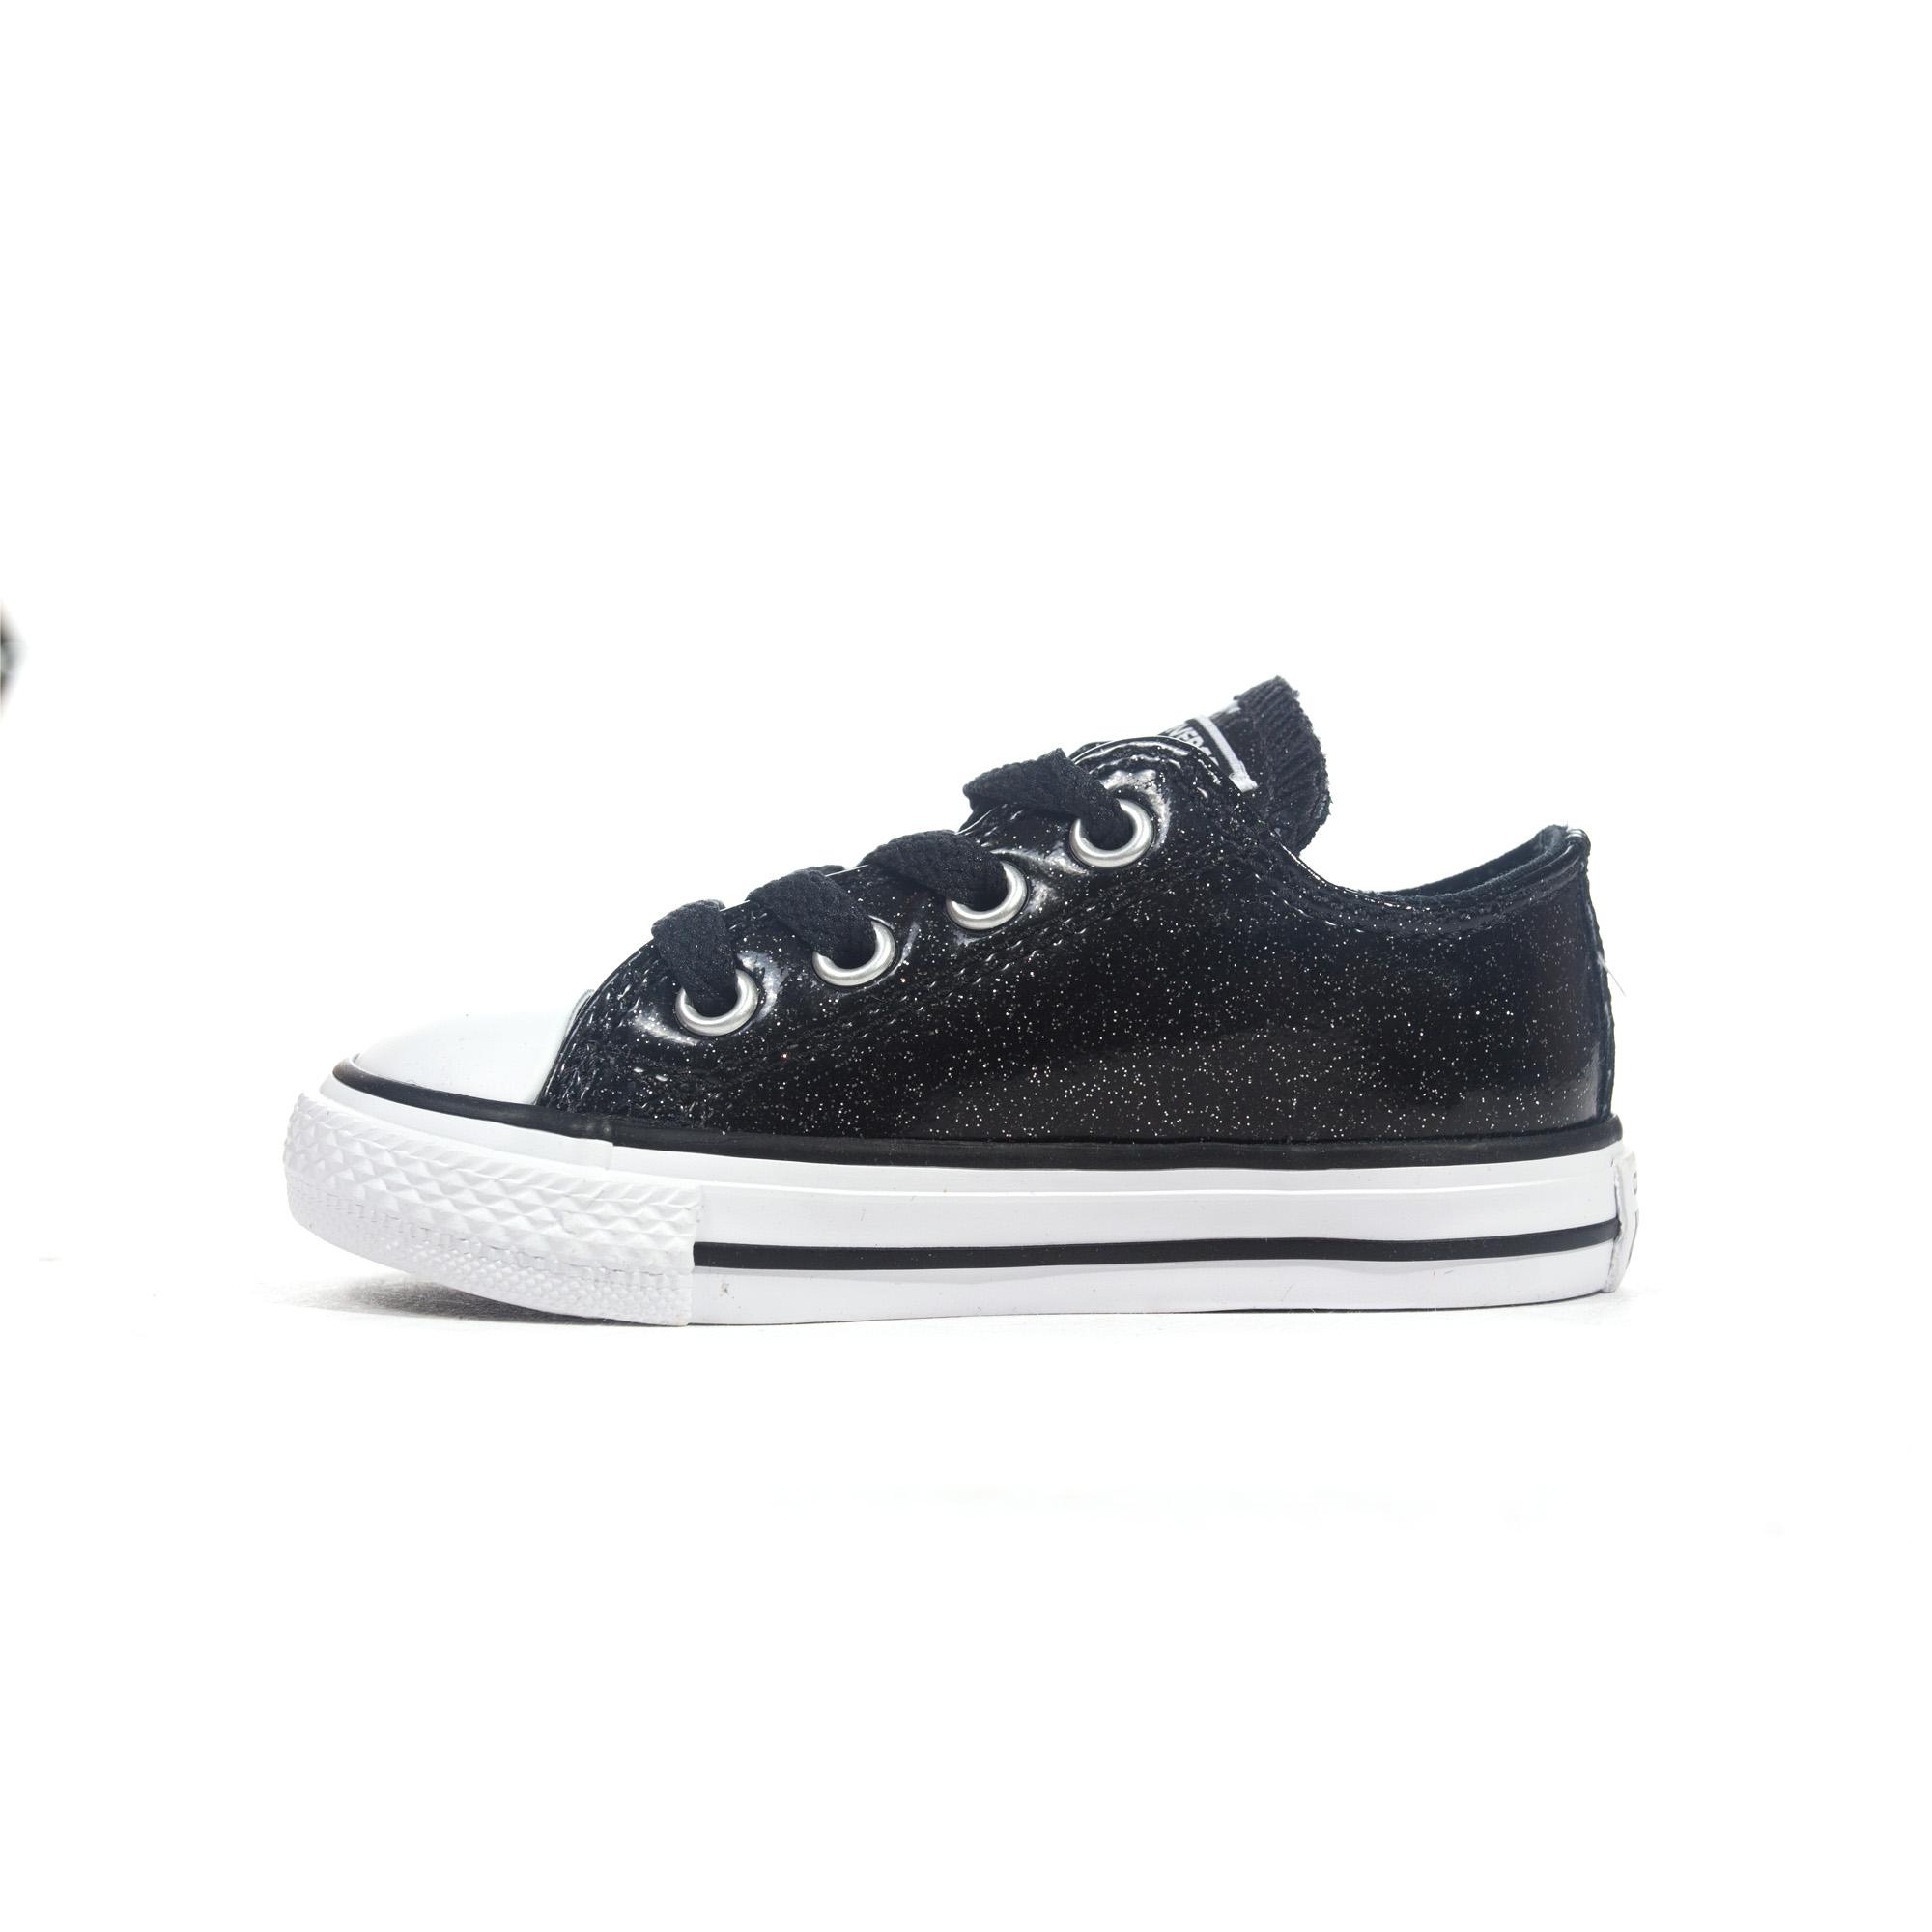 00a4e2deecffea Converse Chuck Taylor All Star Glitzer Ox Kleinkind Mädchen Sneaker ...